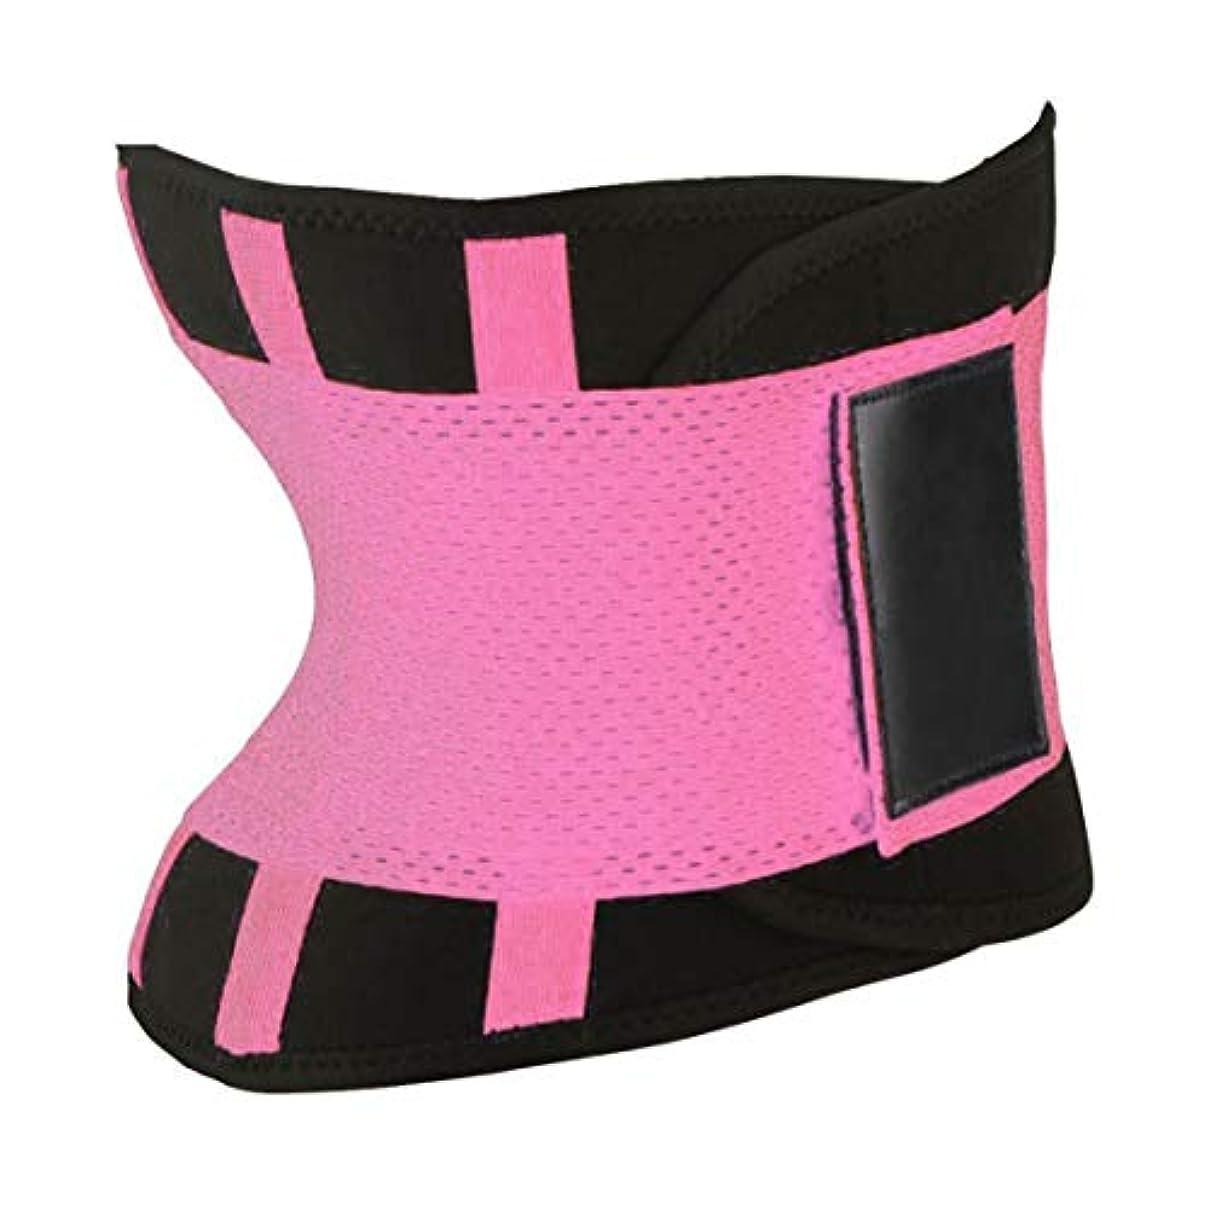 センチメートルぺディカブキルス快適な女性ボディシェイパー痩身シェイパーベルトスポーツ女性ウエストトレーナーニッパー制御バーニングボディおなかベルト - ピンク2xl